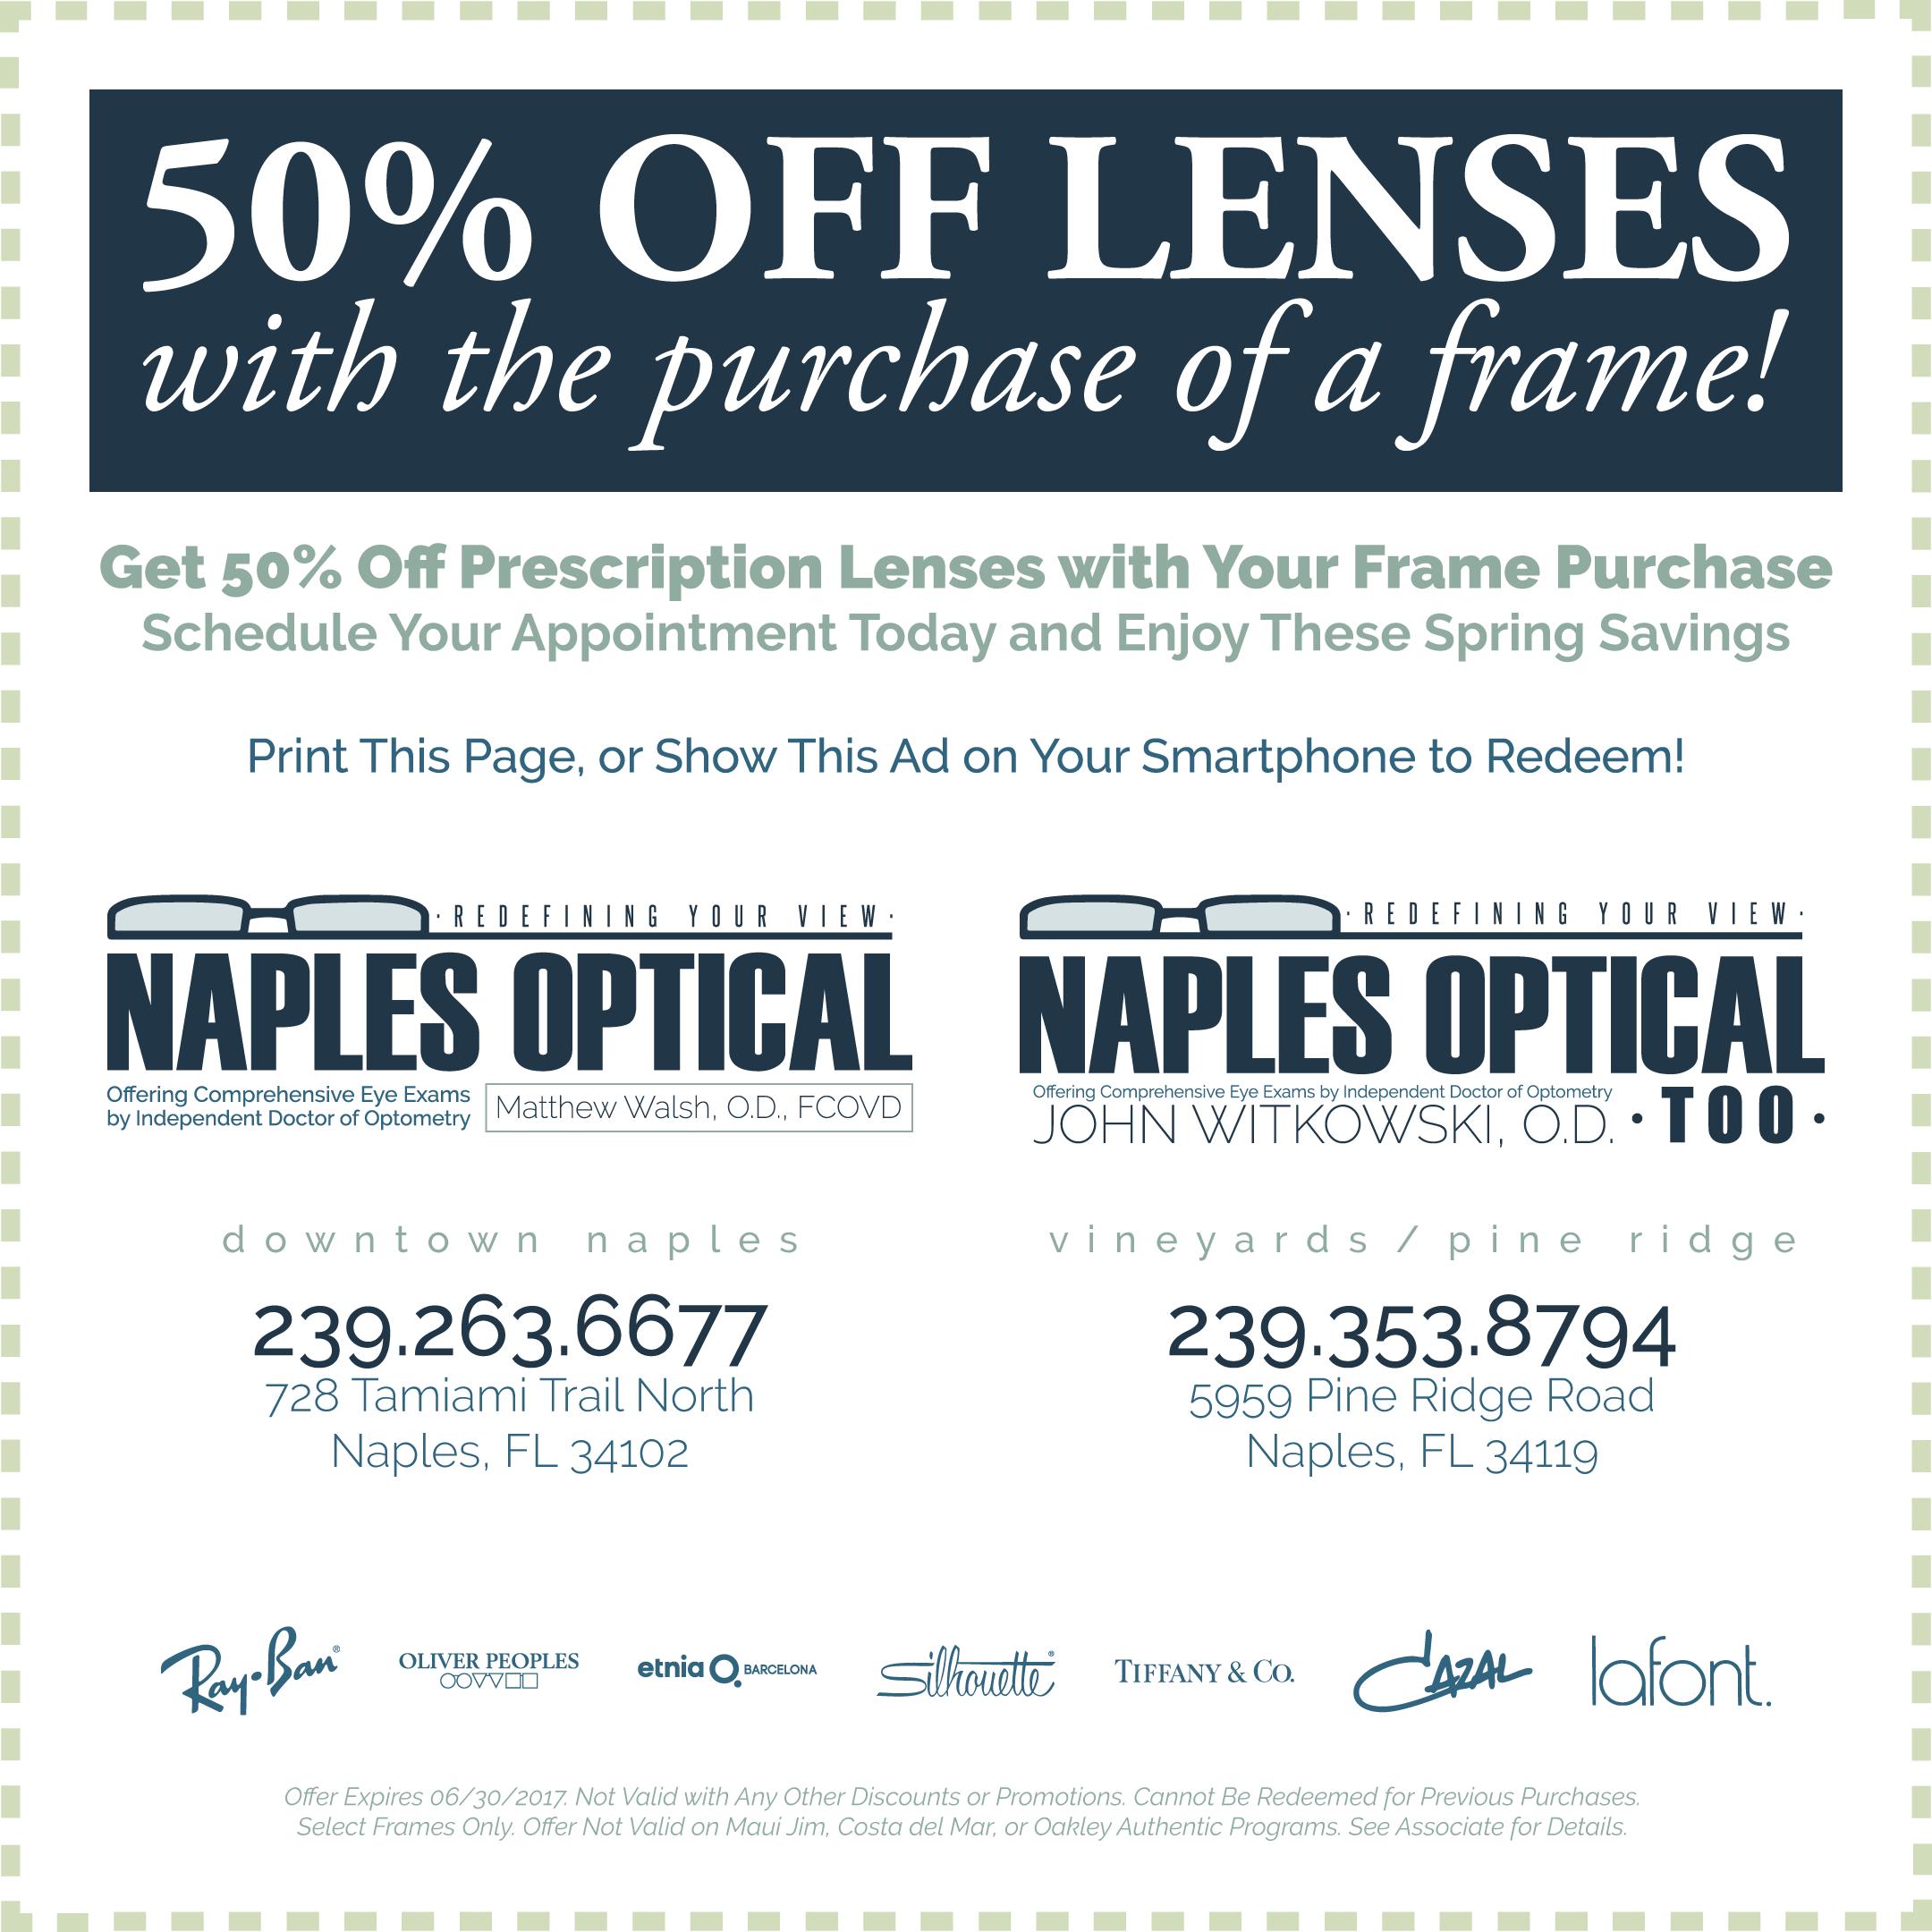 naples optical discount specials june